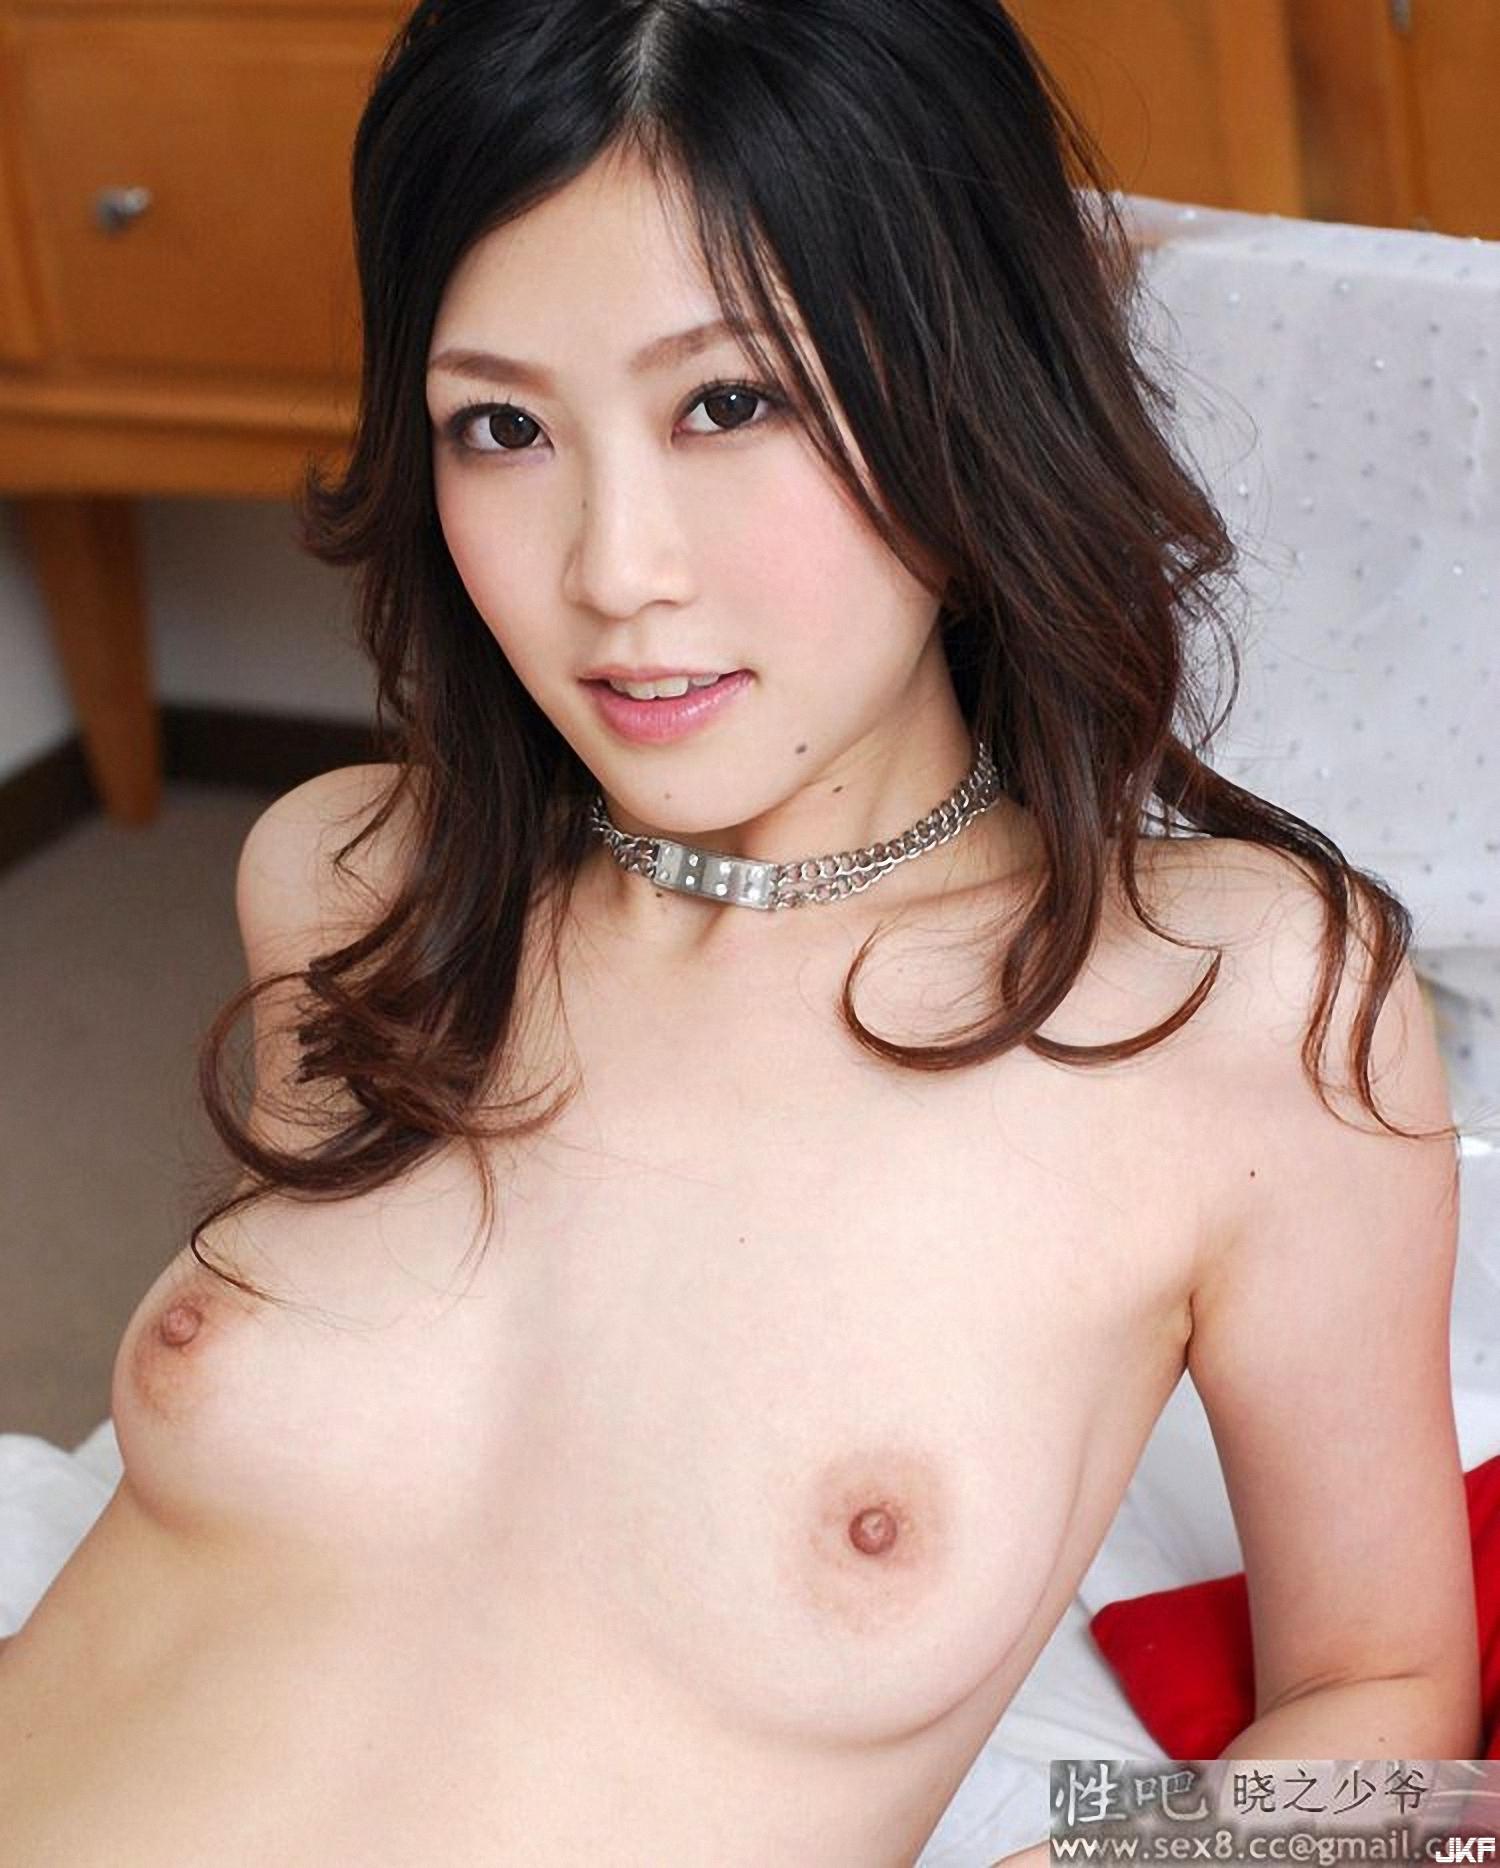 kotoneamamiya9.jpg